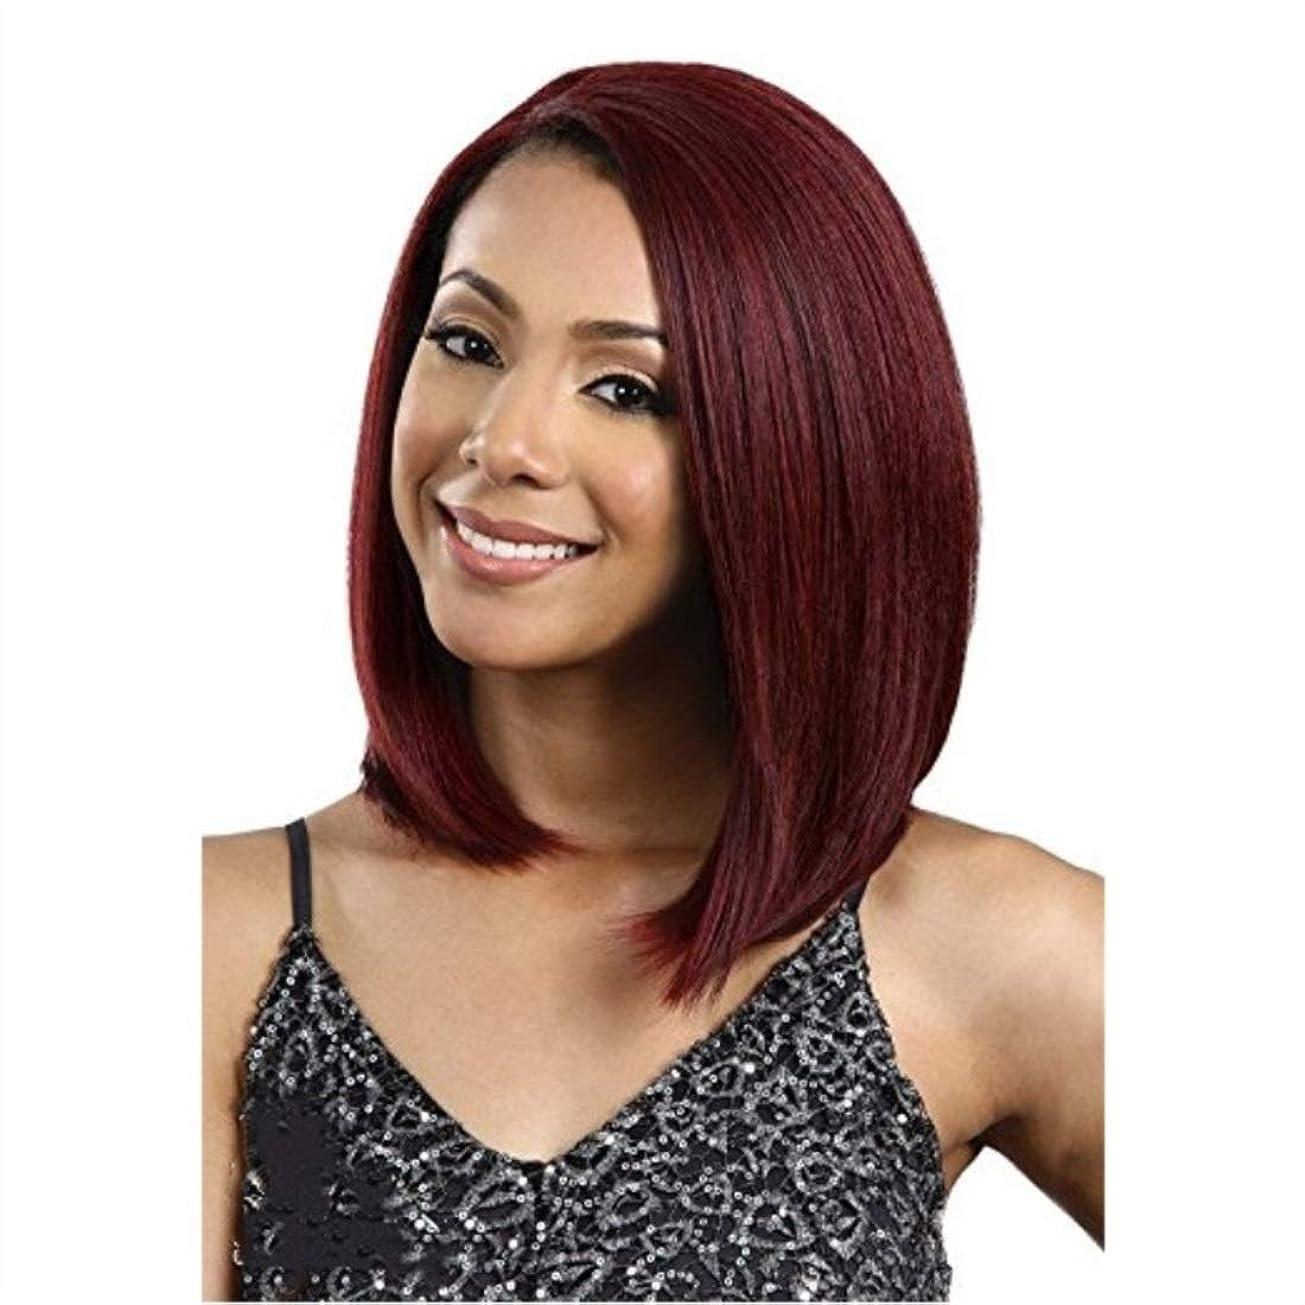 グレー馬鹿プラグSummerys 女性のための前髪の髪のかつらとミディアムストレートヘアレッドウィッグヘッドギア耐熱合成かつら